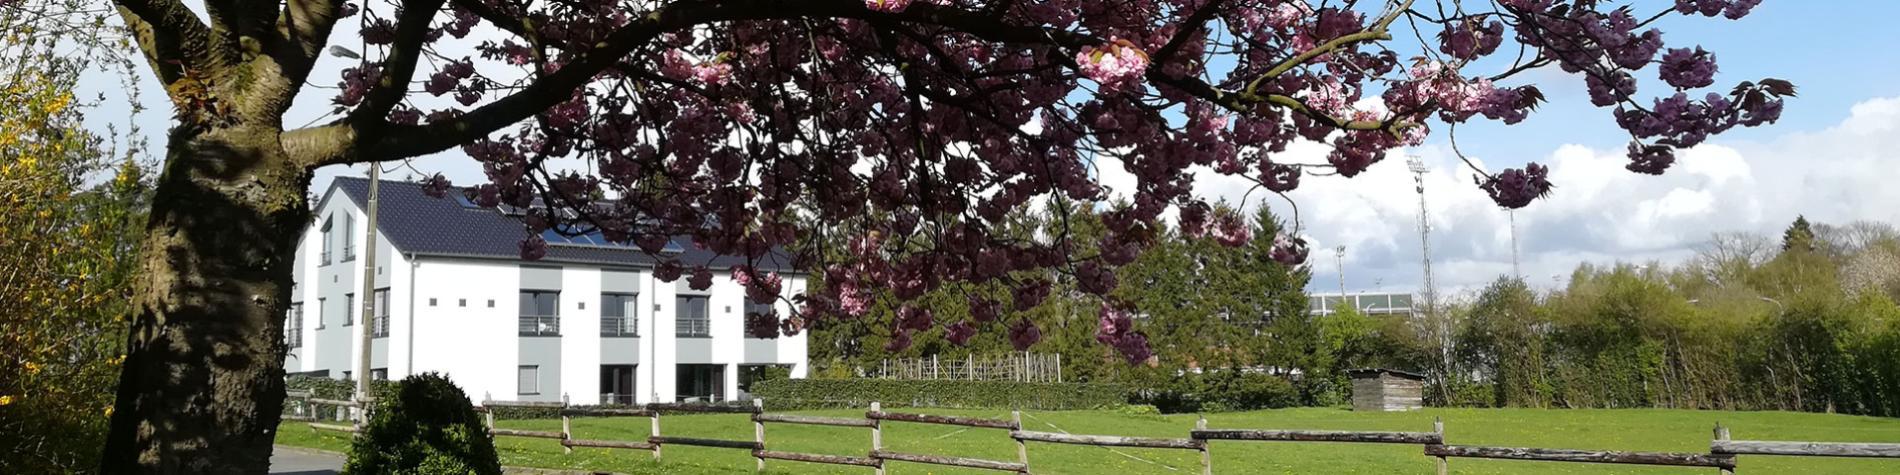 Maison d'hôtes - Eupen Inn - Lac de la Gileppe - 4 chambres - Cantons de l'Est